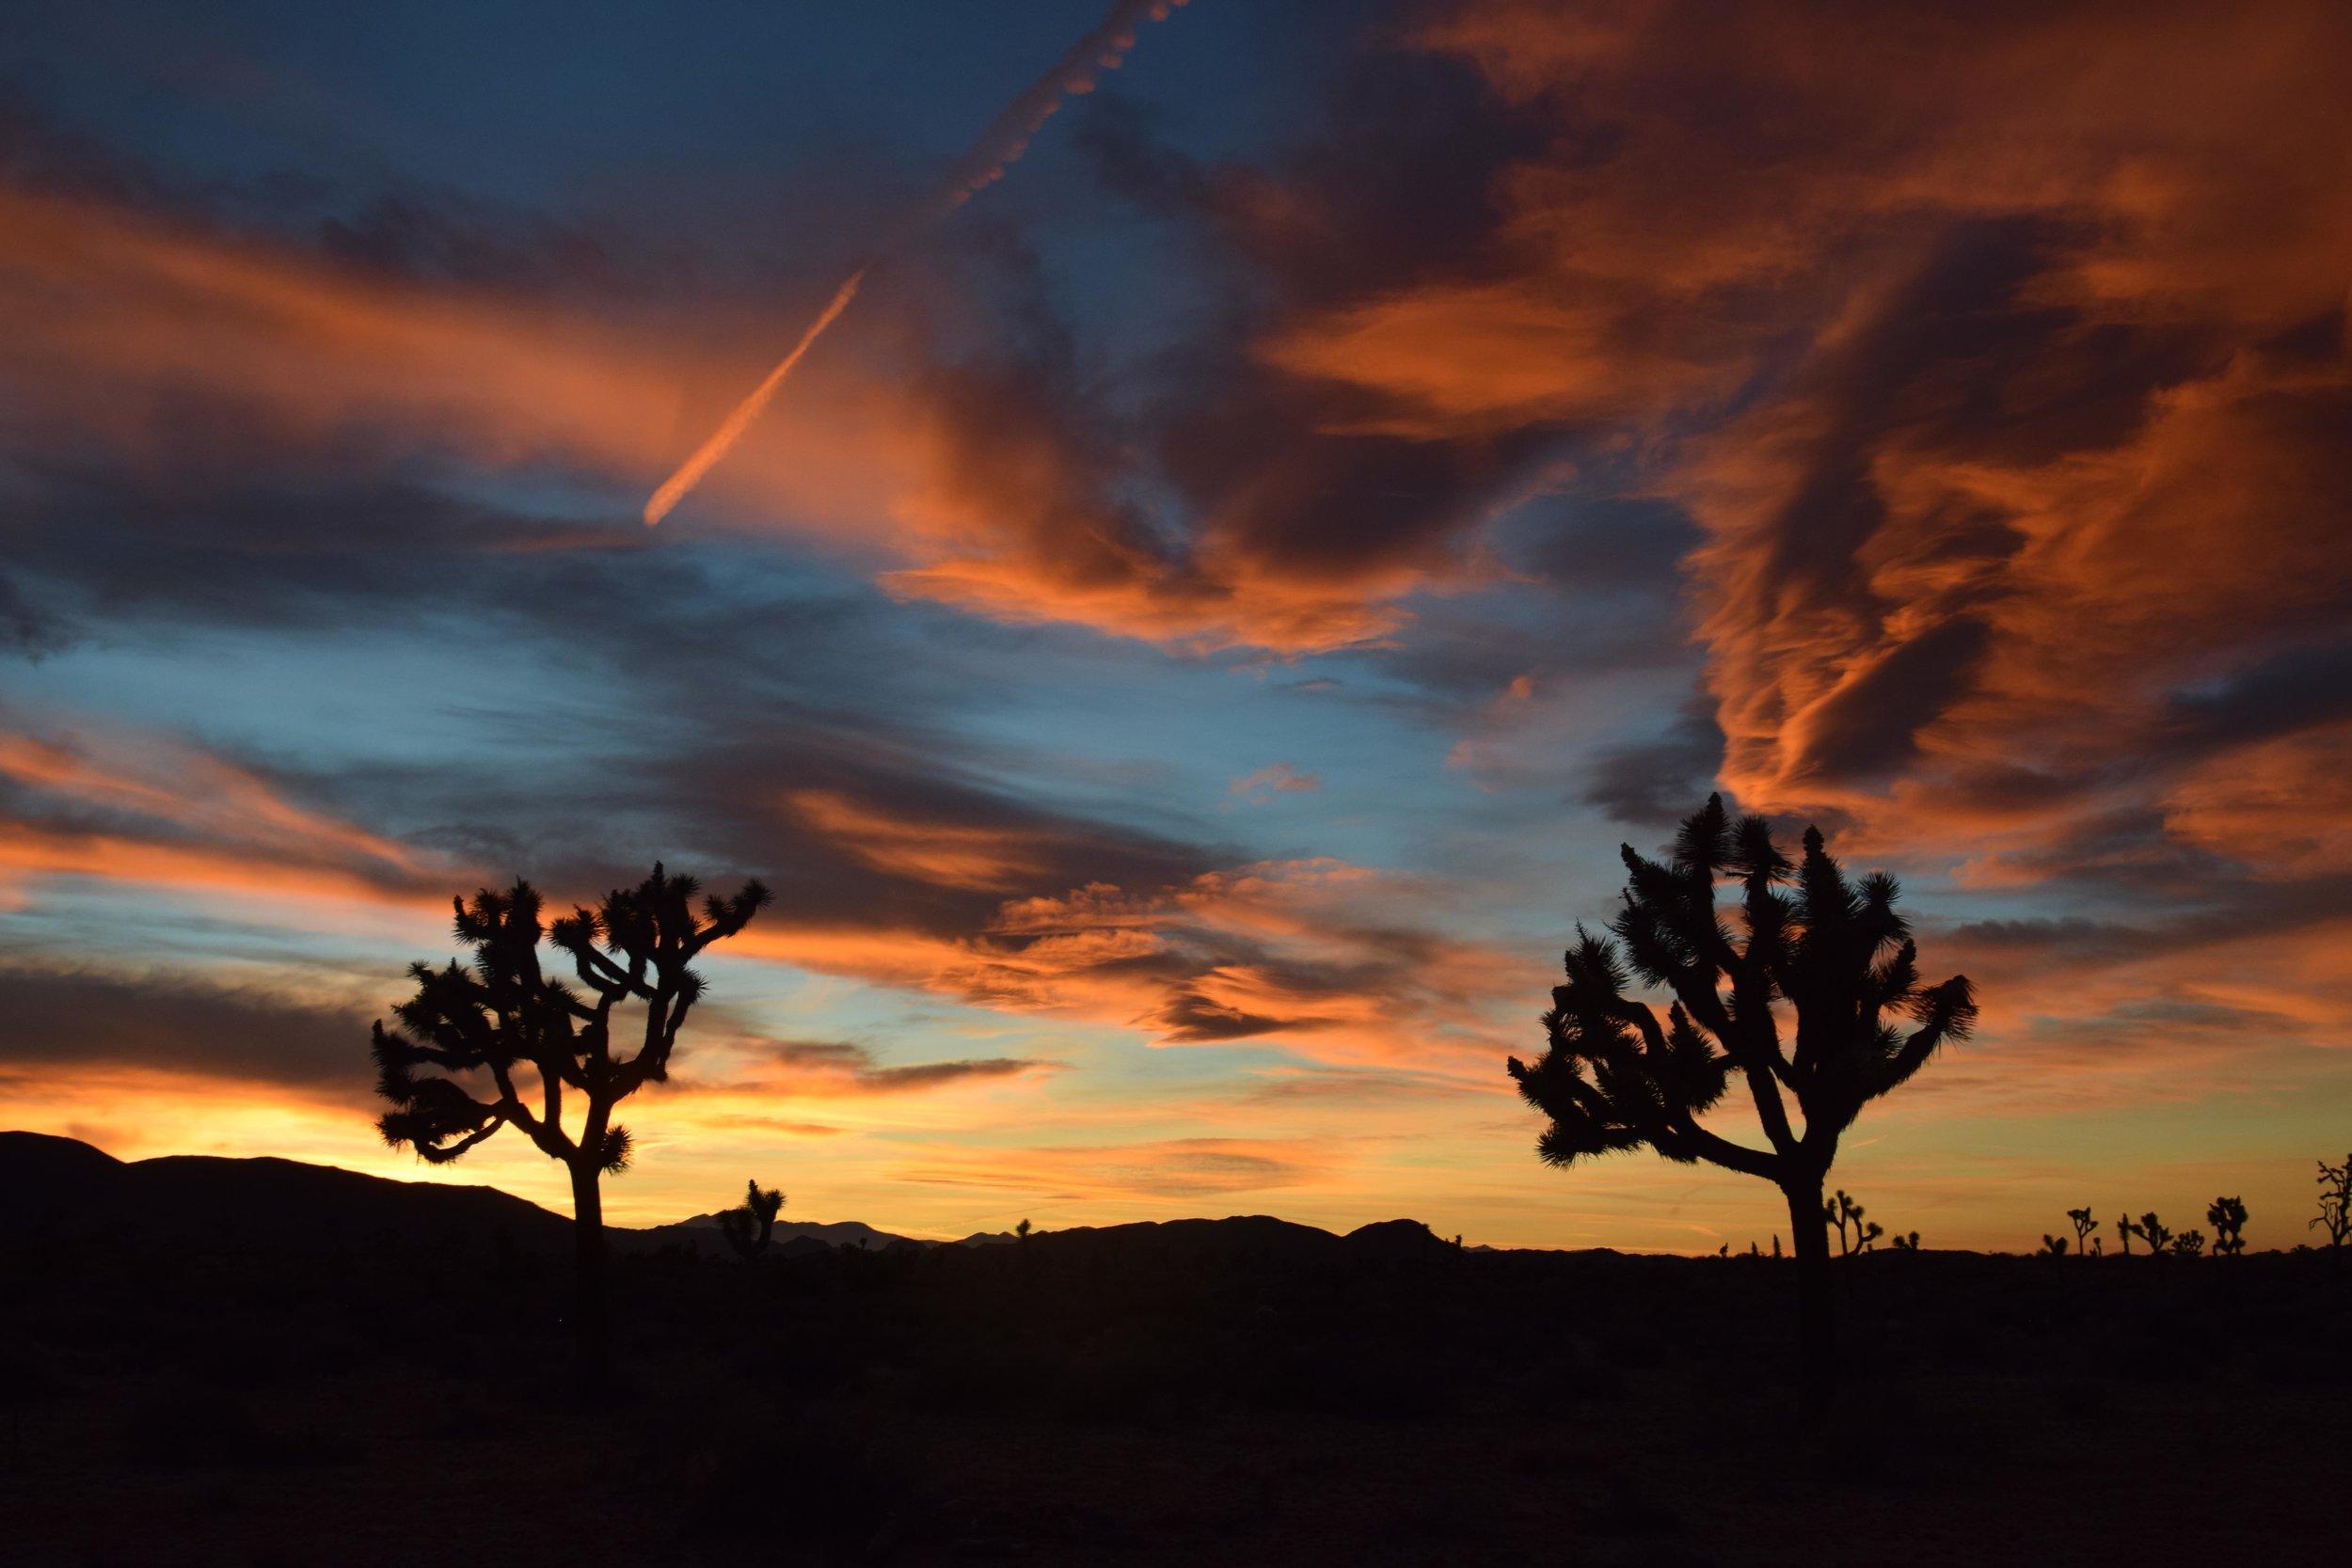 joshua-tree-photography-california-usa